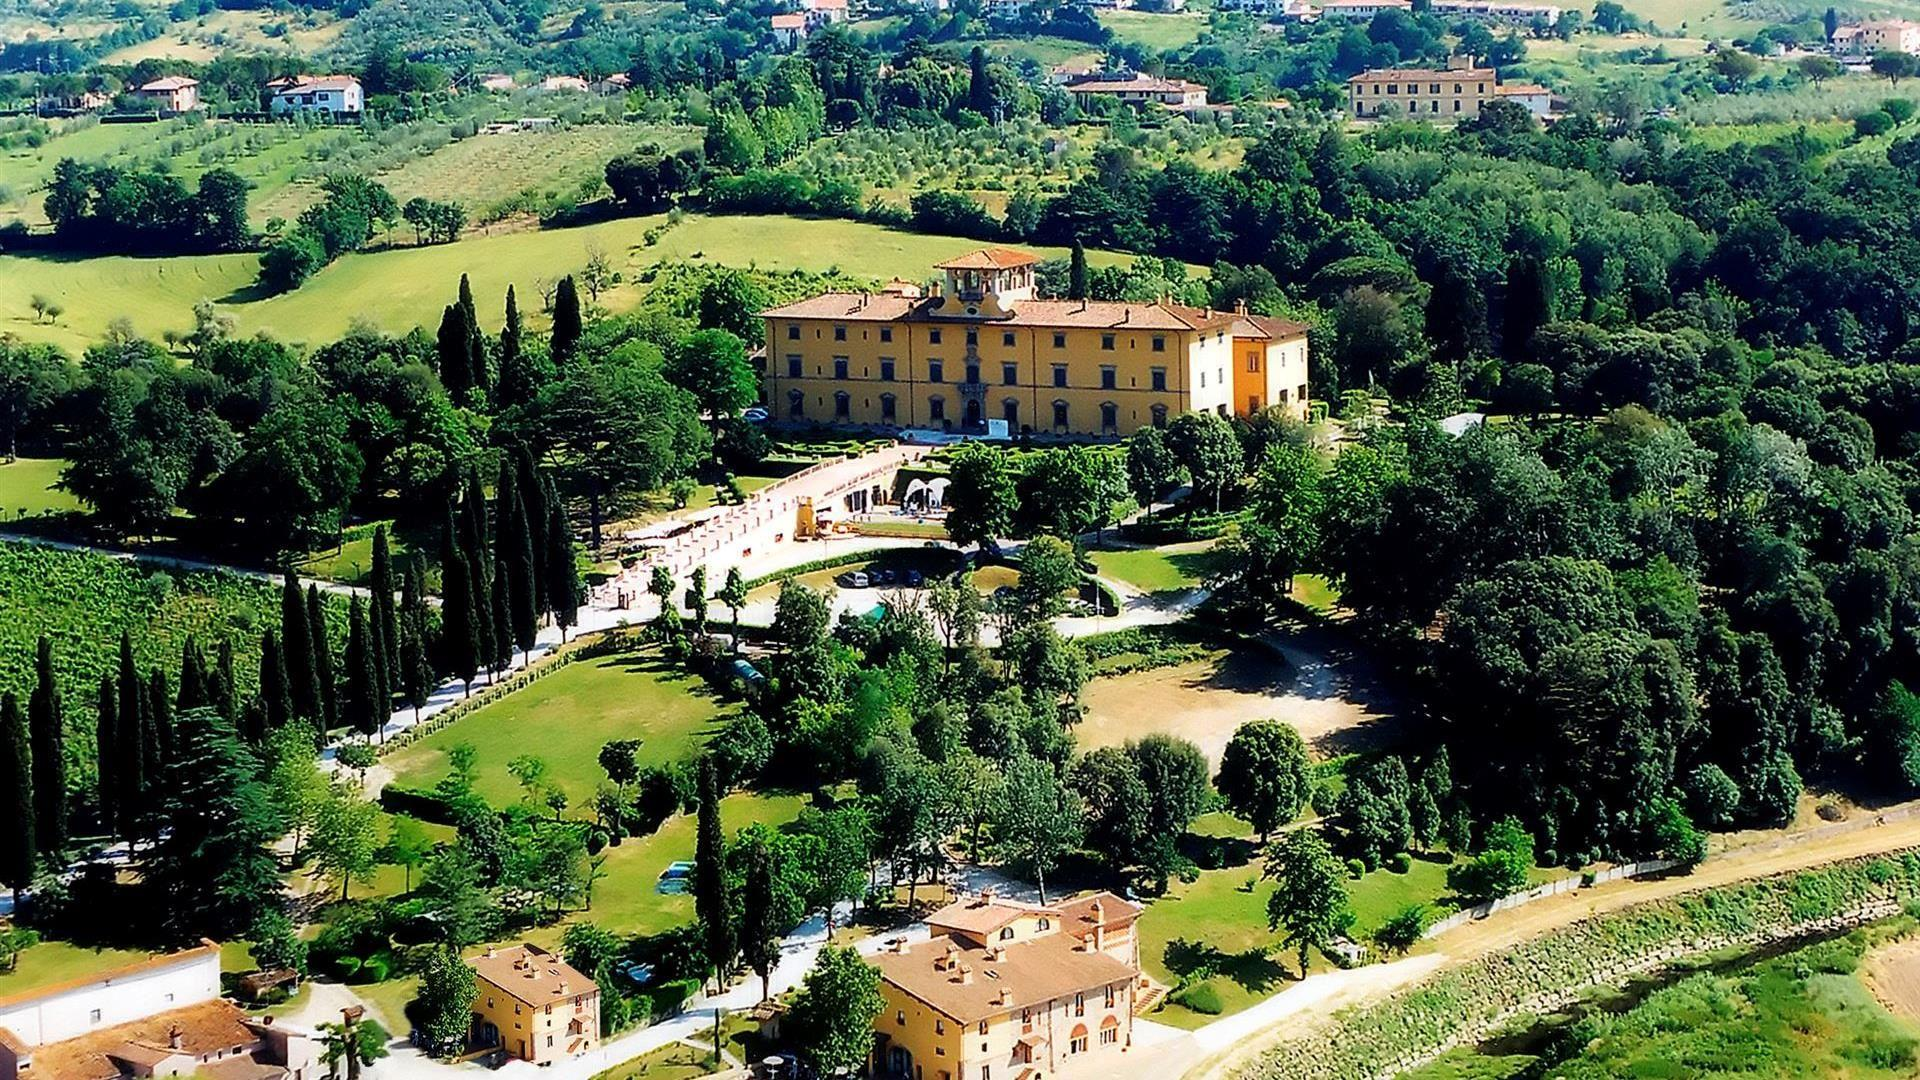 Matrimonio Toscana Inverno : Location per matrimoni in toscana le migliori del